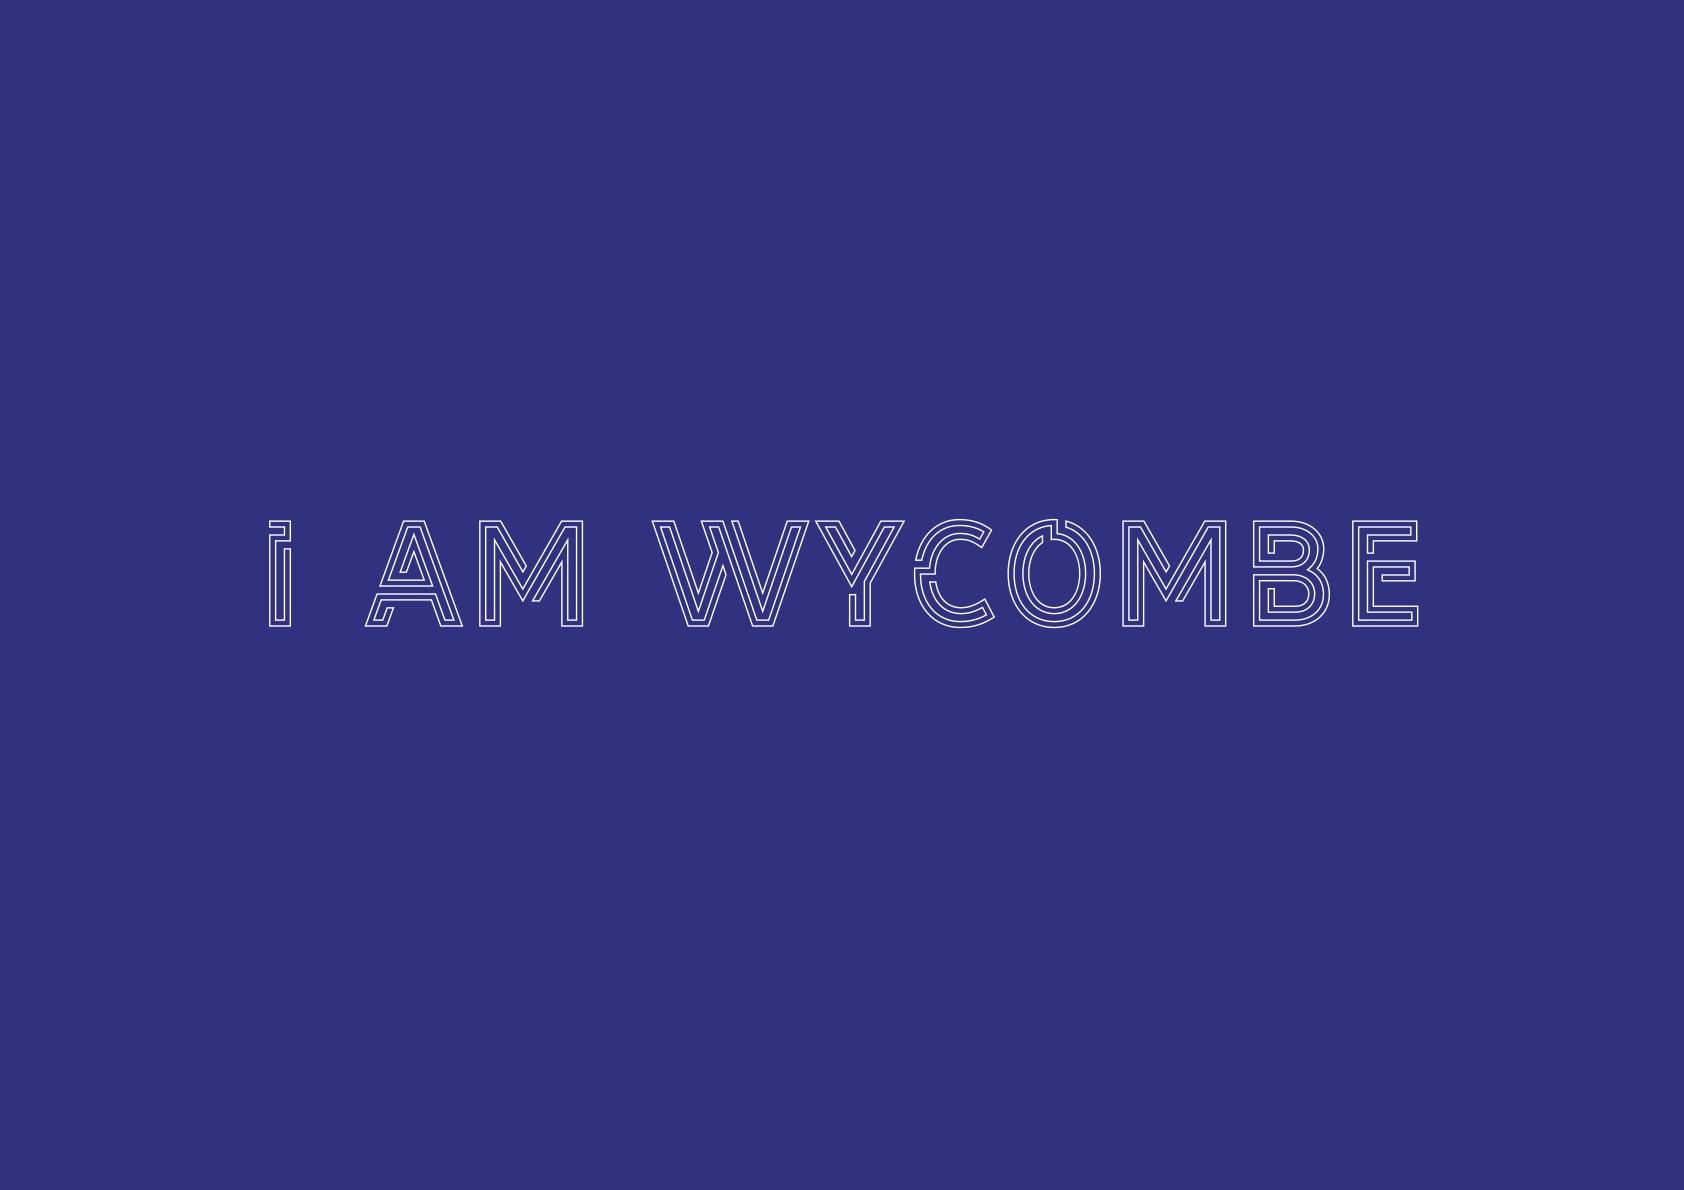 I am Wycombe